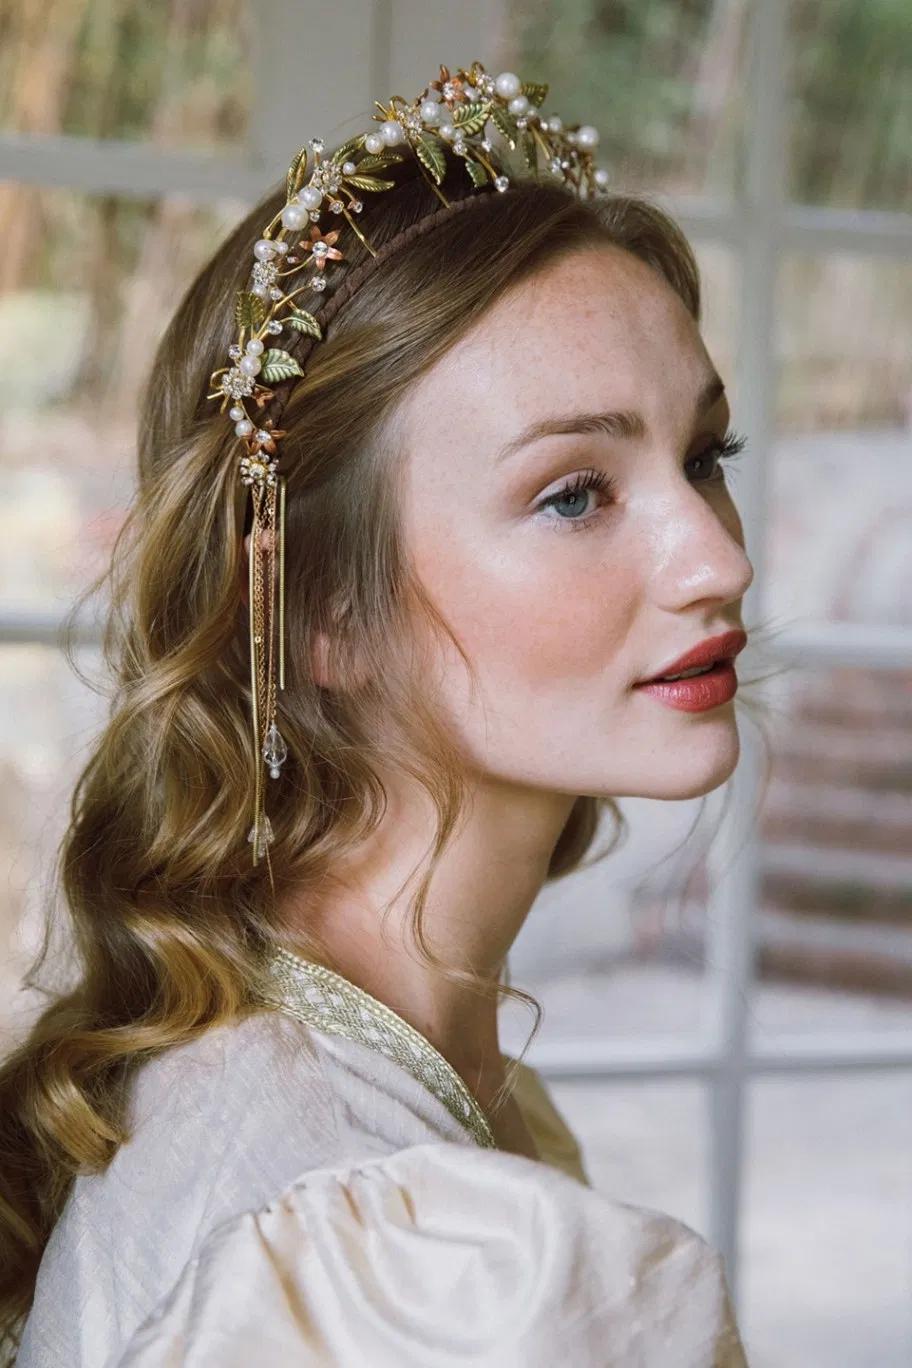 Goddess crown, tiara, wedding headpeice, bridal crown, chain dangles